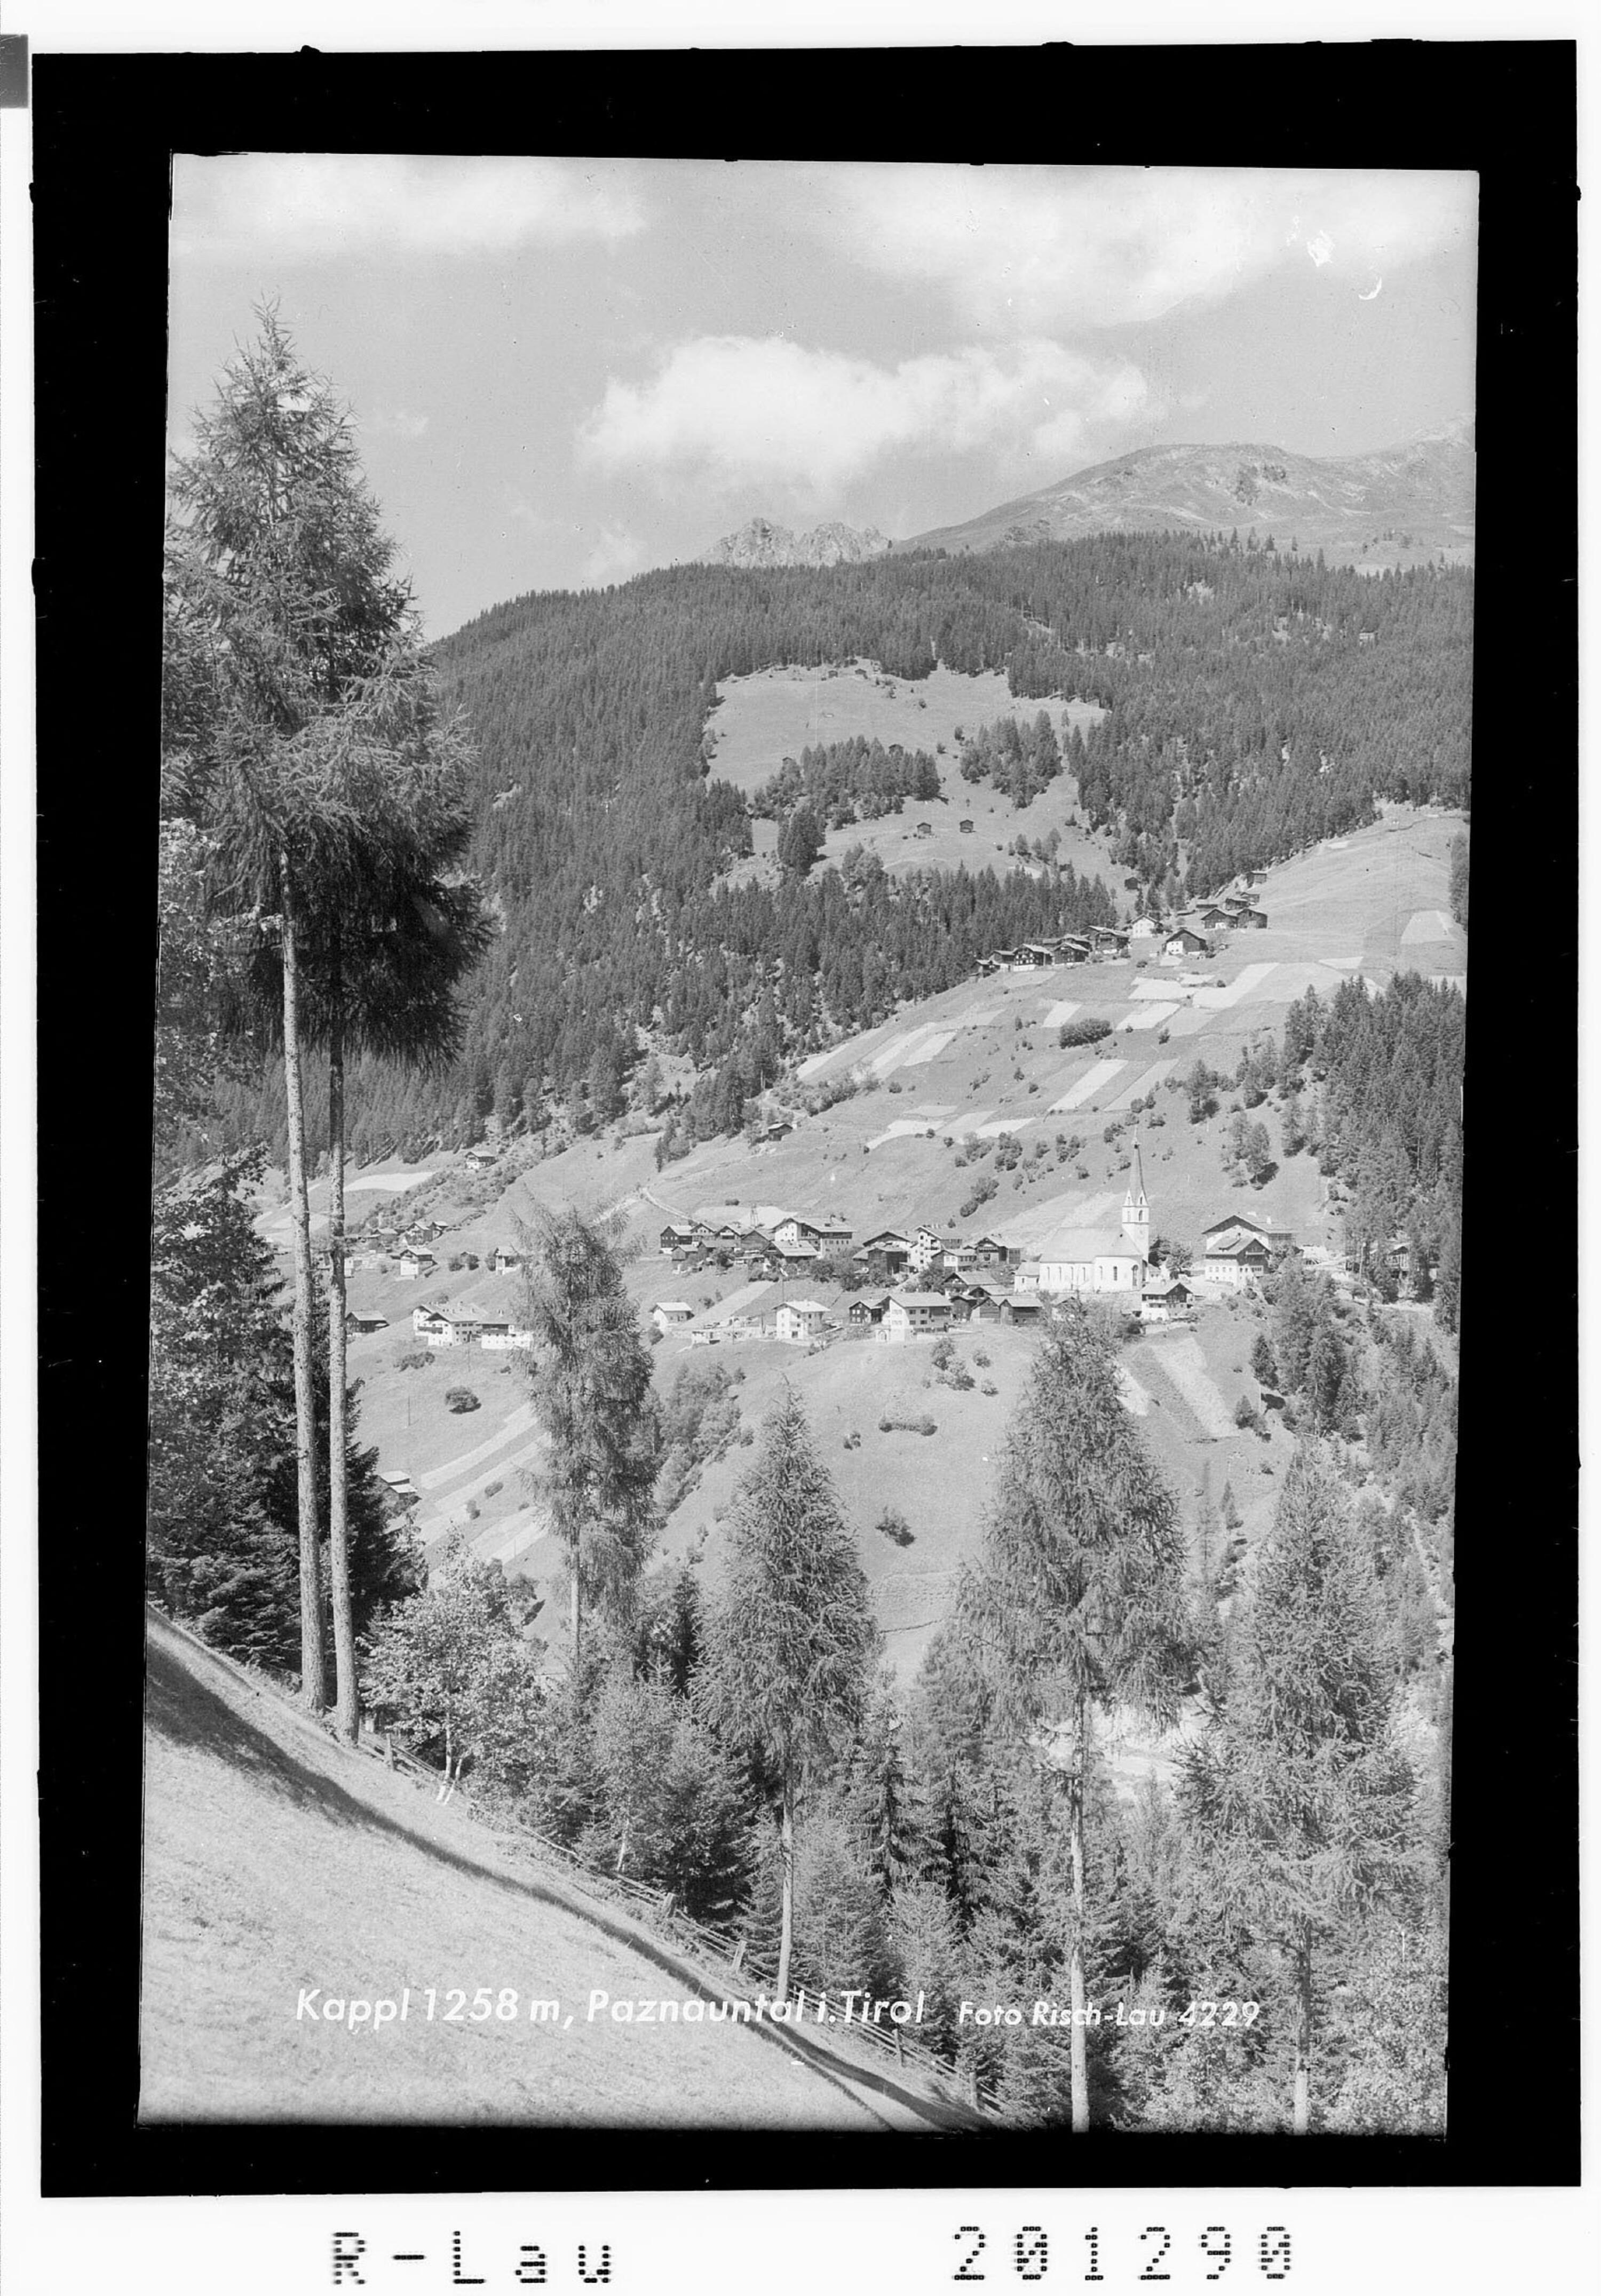 Kappl 1258 m, Paznauntal in Tirol von Risch-Lau